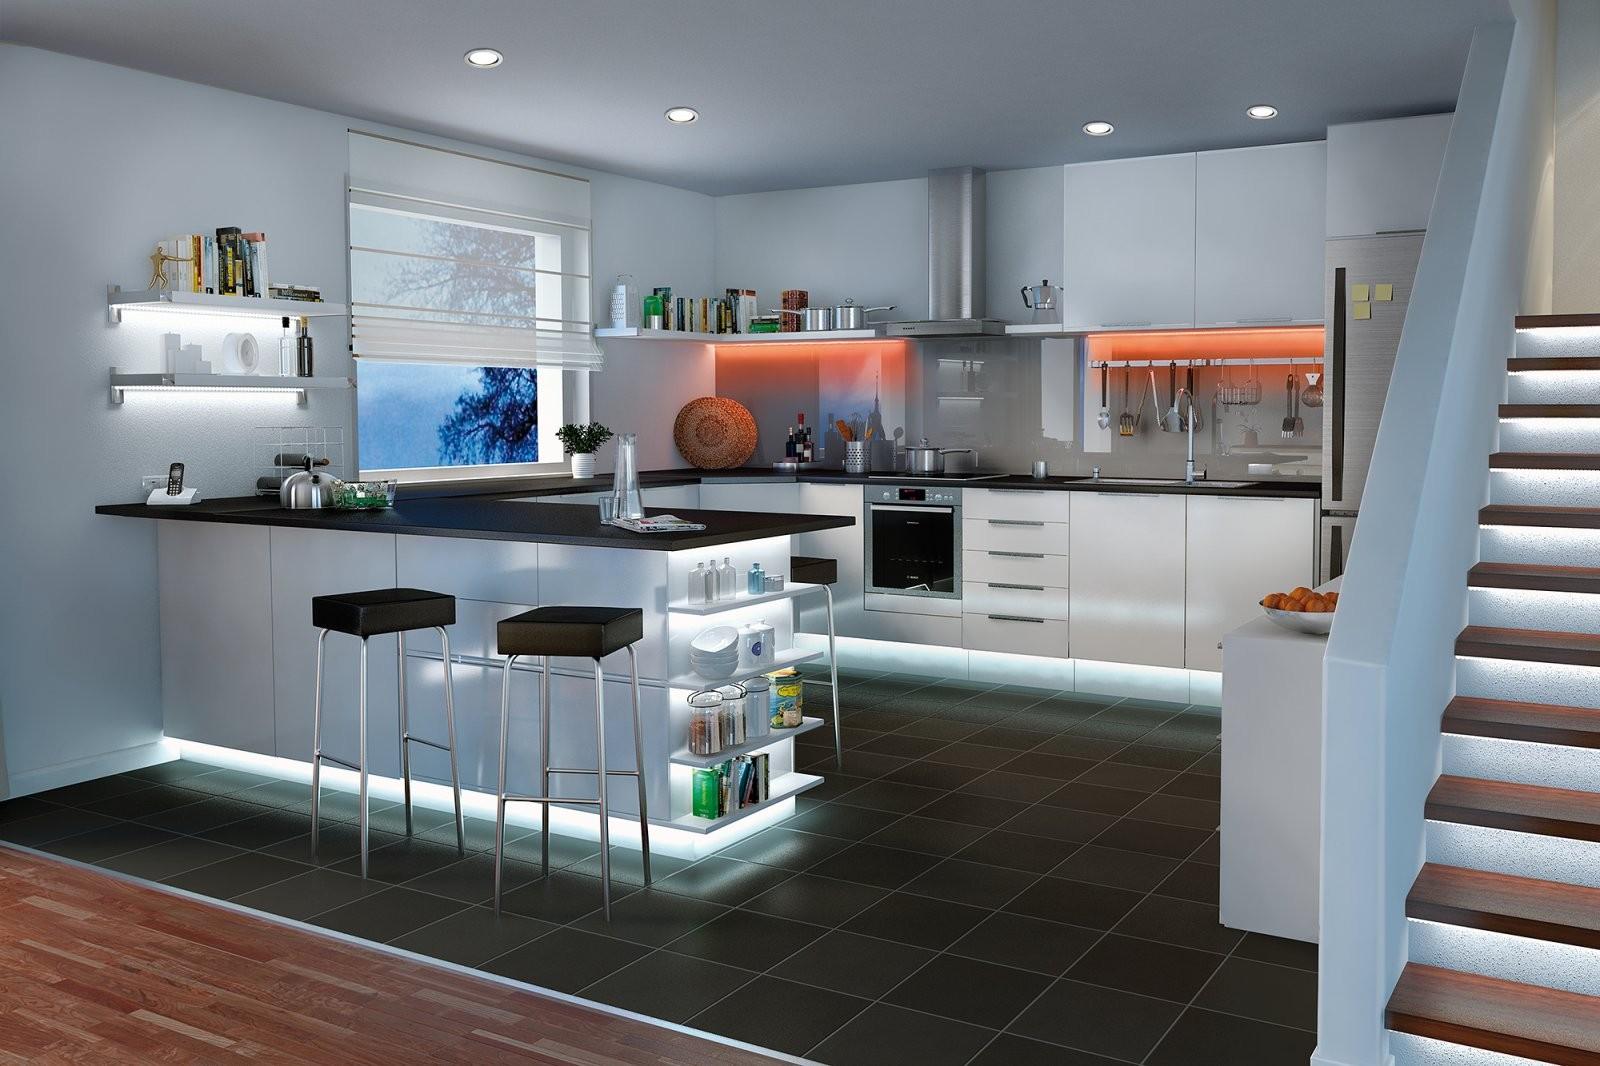 Küchenbeleuchtung  Funktional Und Stimmungsvoll  Paulmann Licht von Beleuchtung Küche Ohne Oberschränke Bild